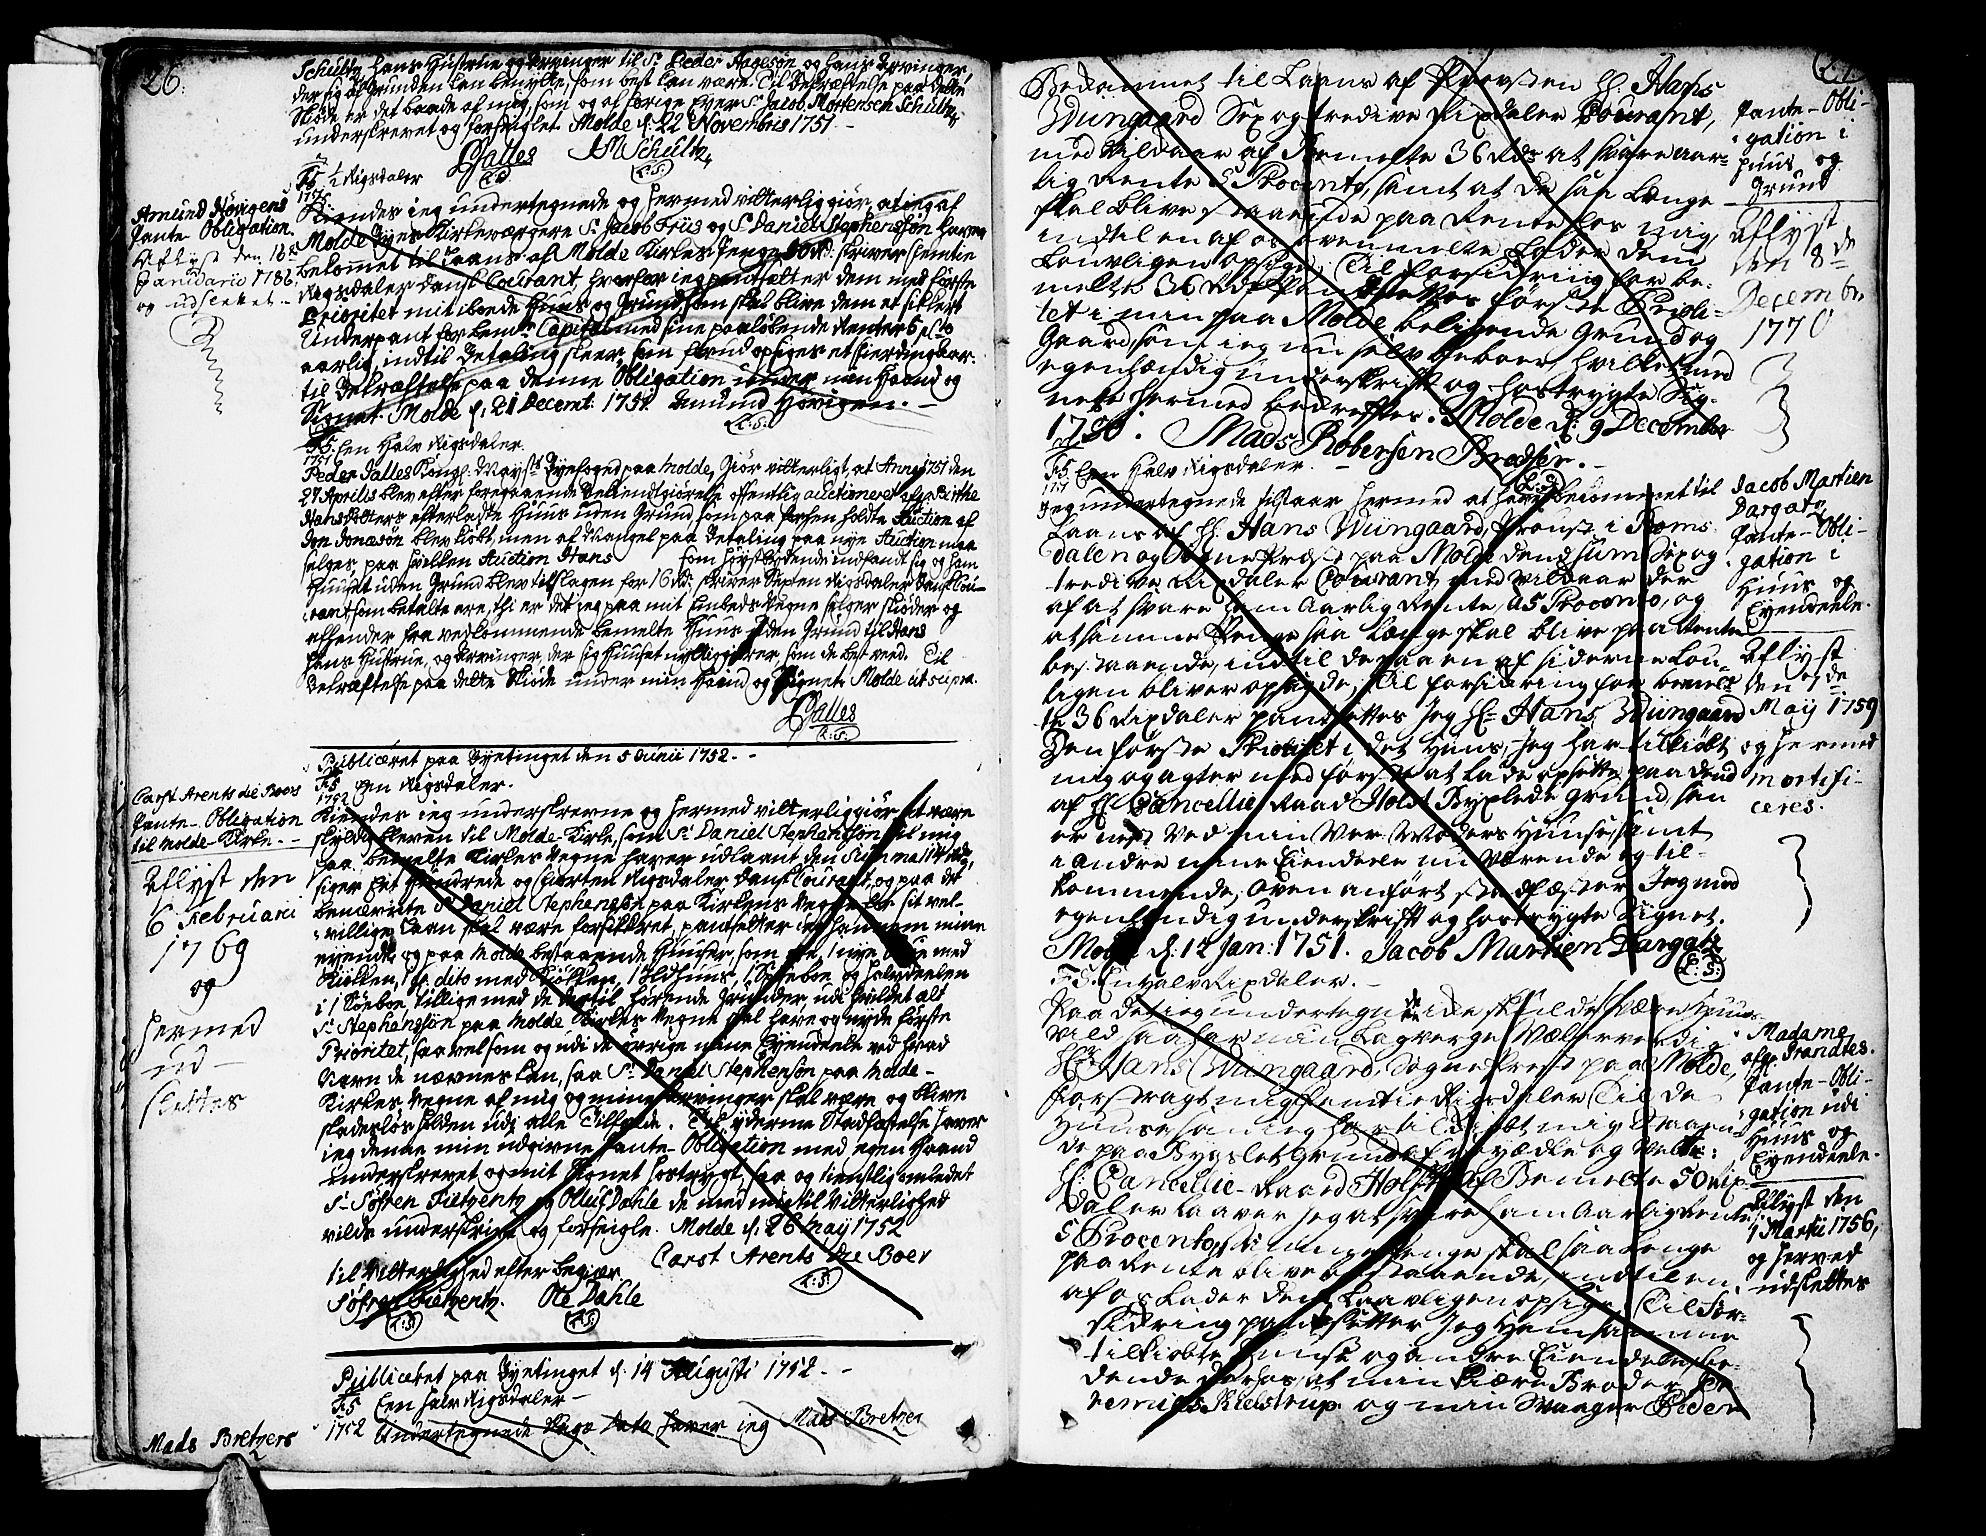 SAT, Molde byfogd, 2/2C/L0001: Pantebok nr. 1, 1748-1823, s. 26-27